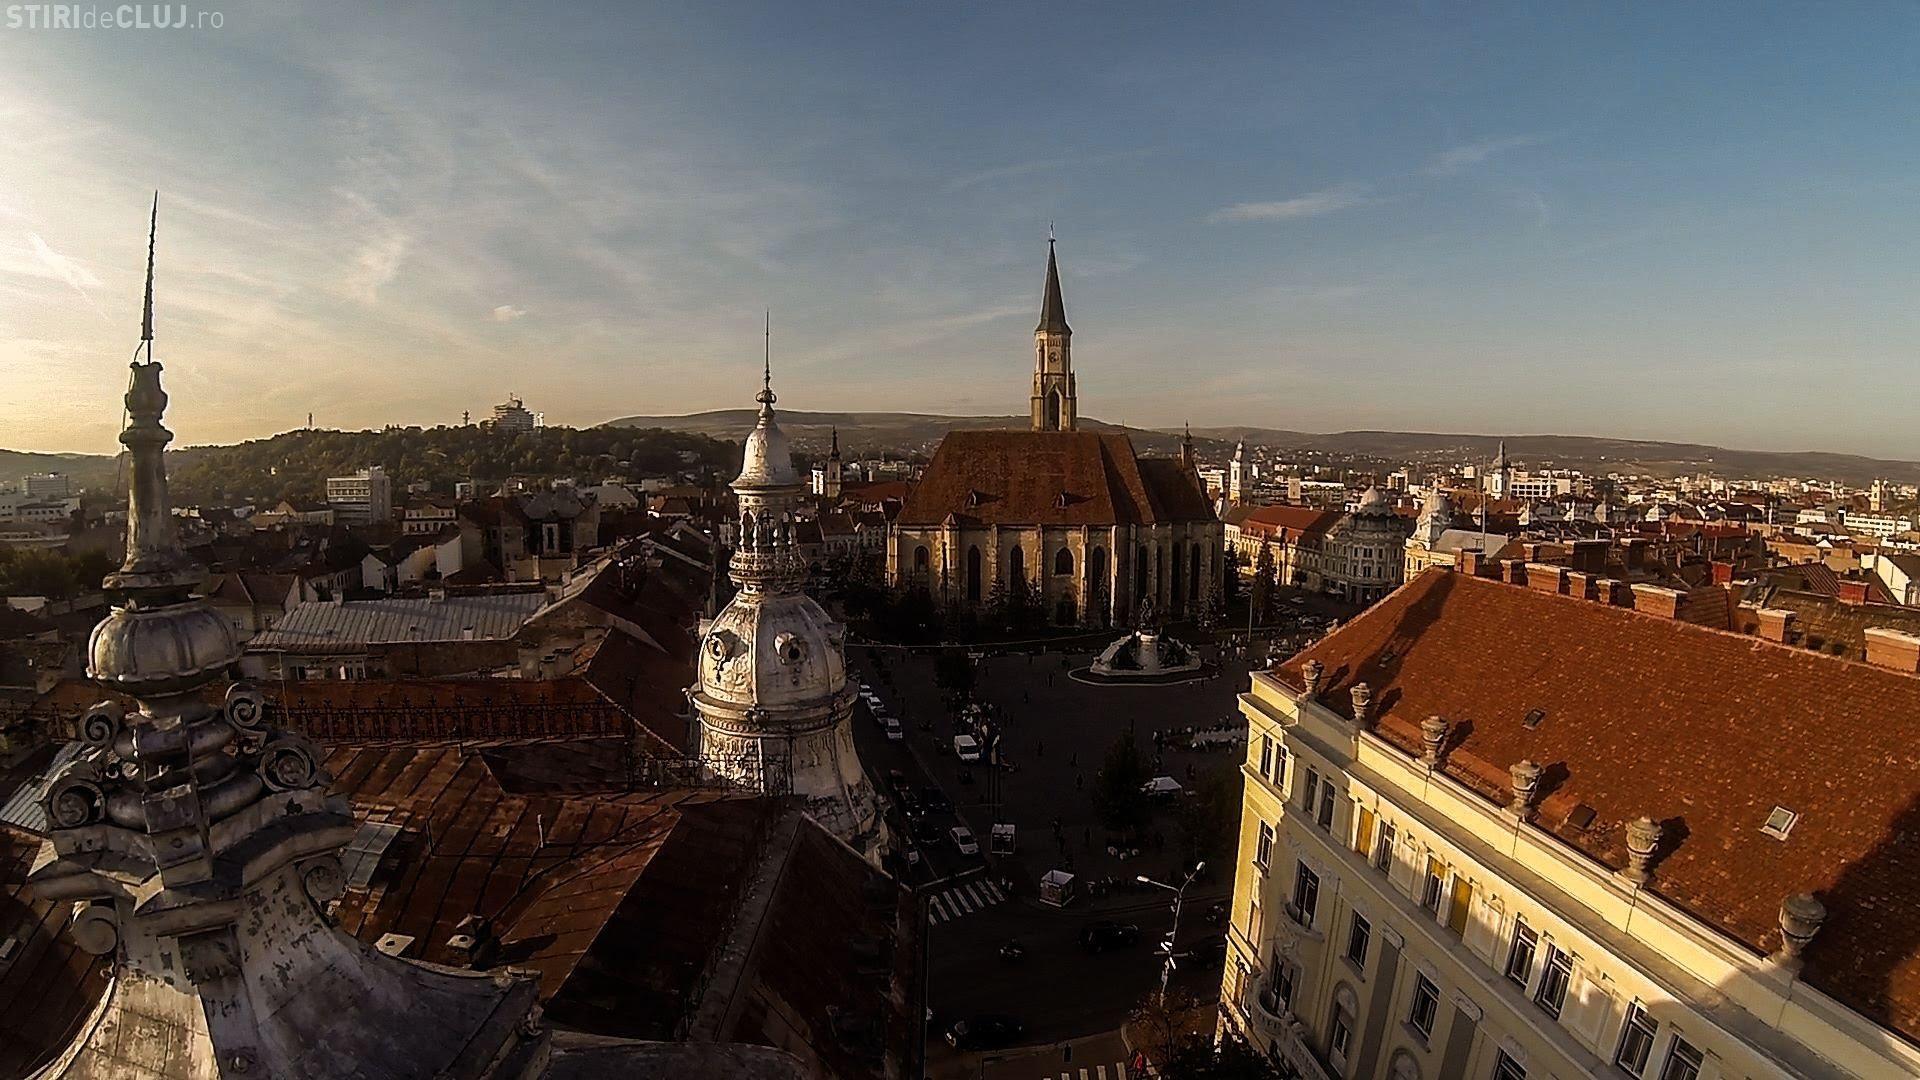 Clujul, printre cele mai vizitate județe din țară. Unde preferă turiștii să meargă